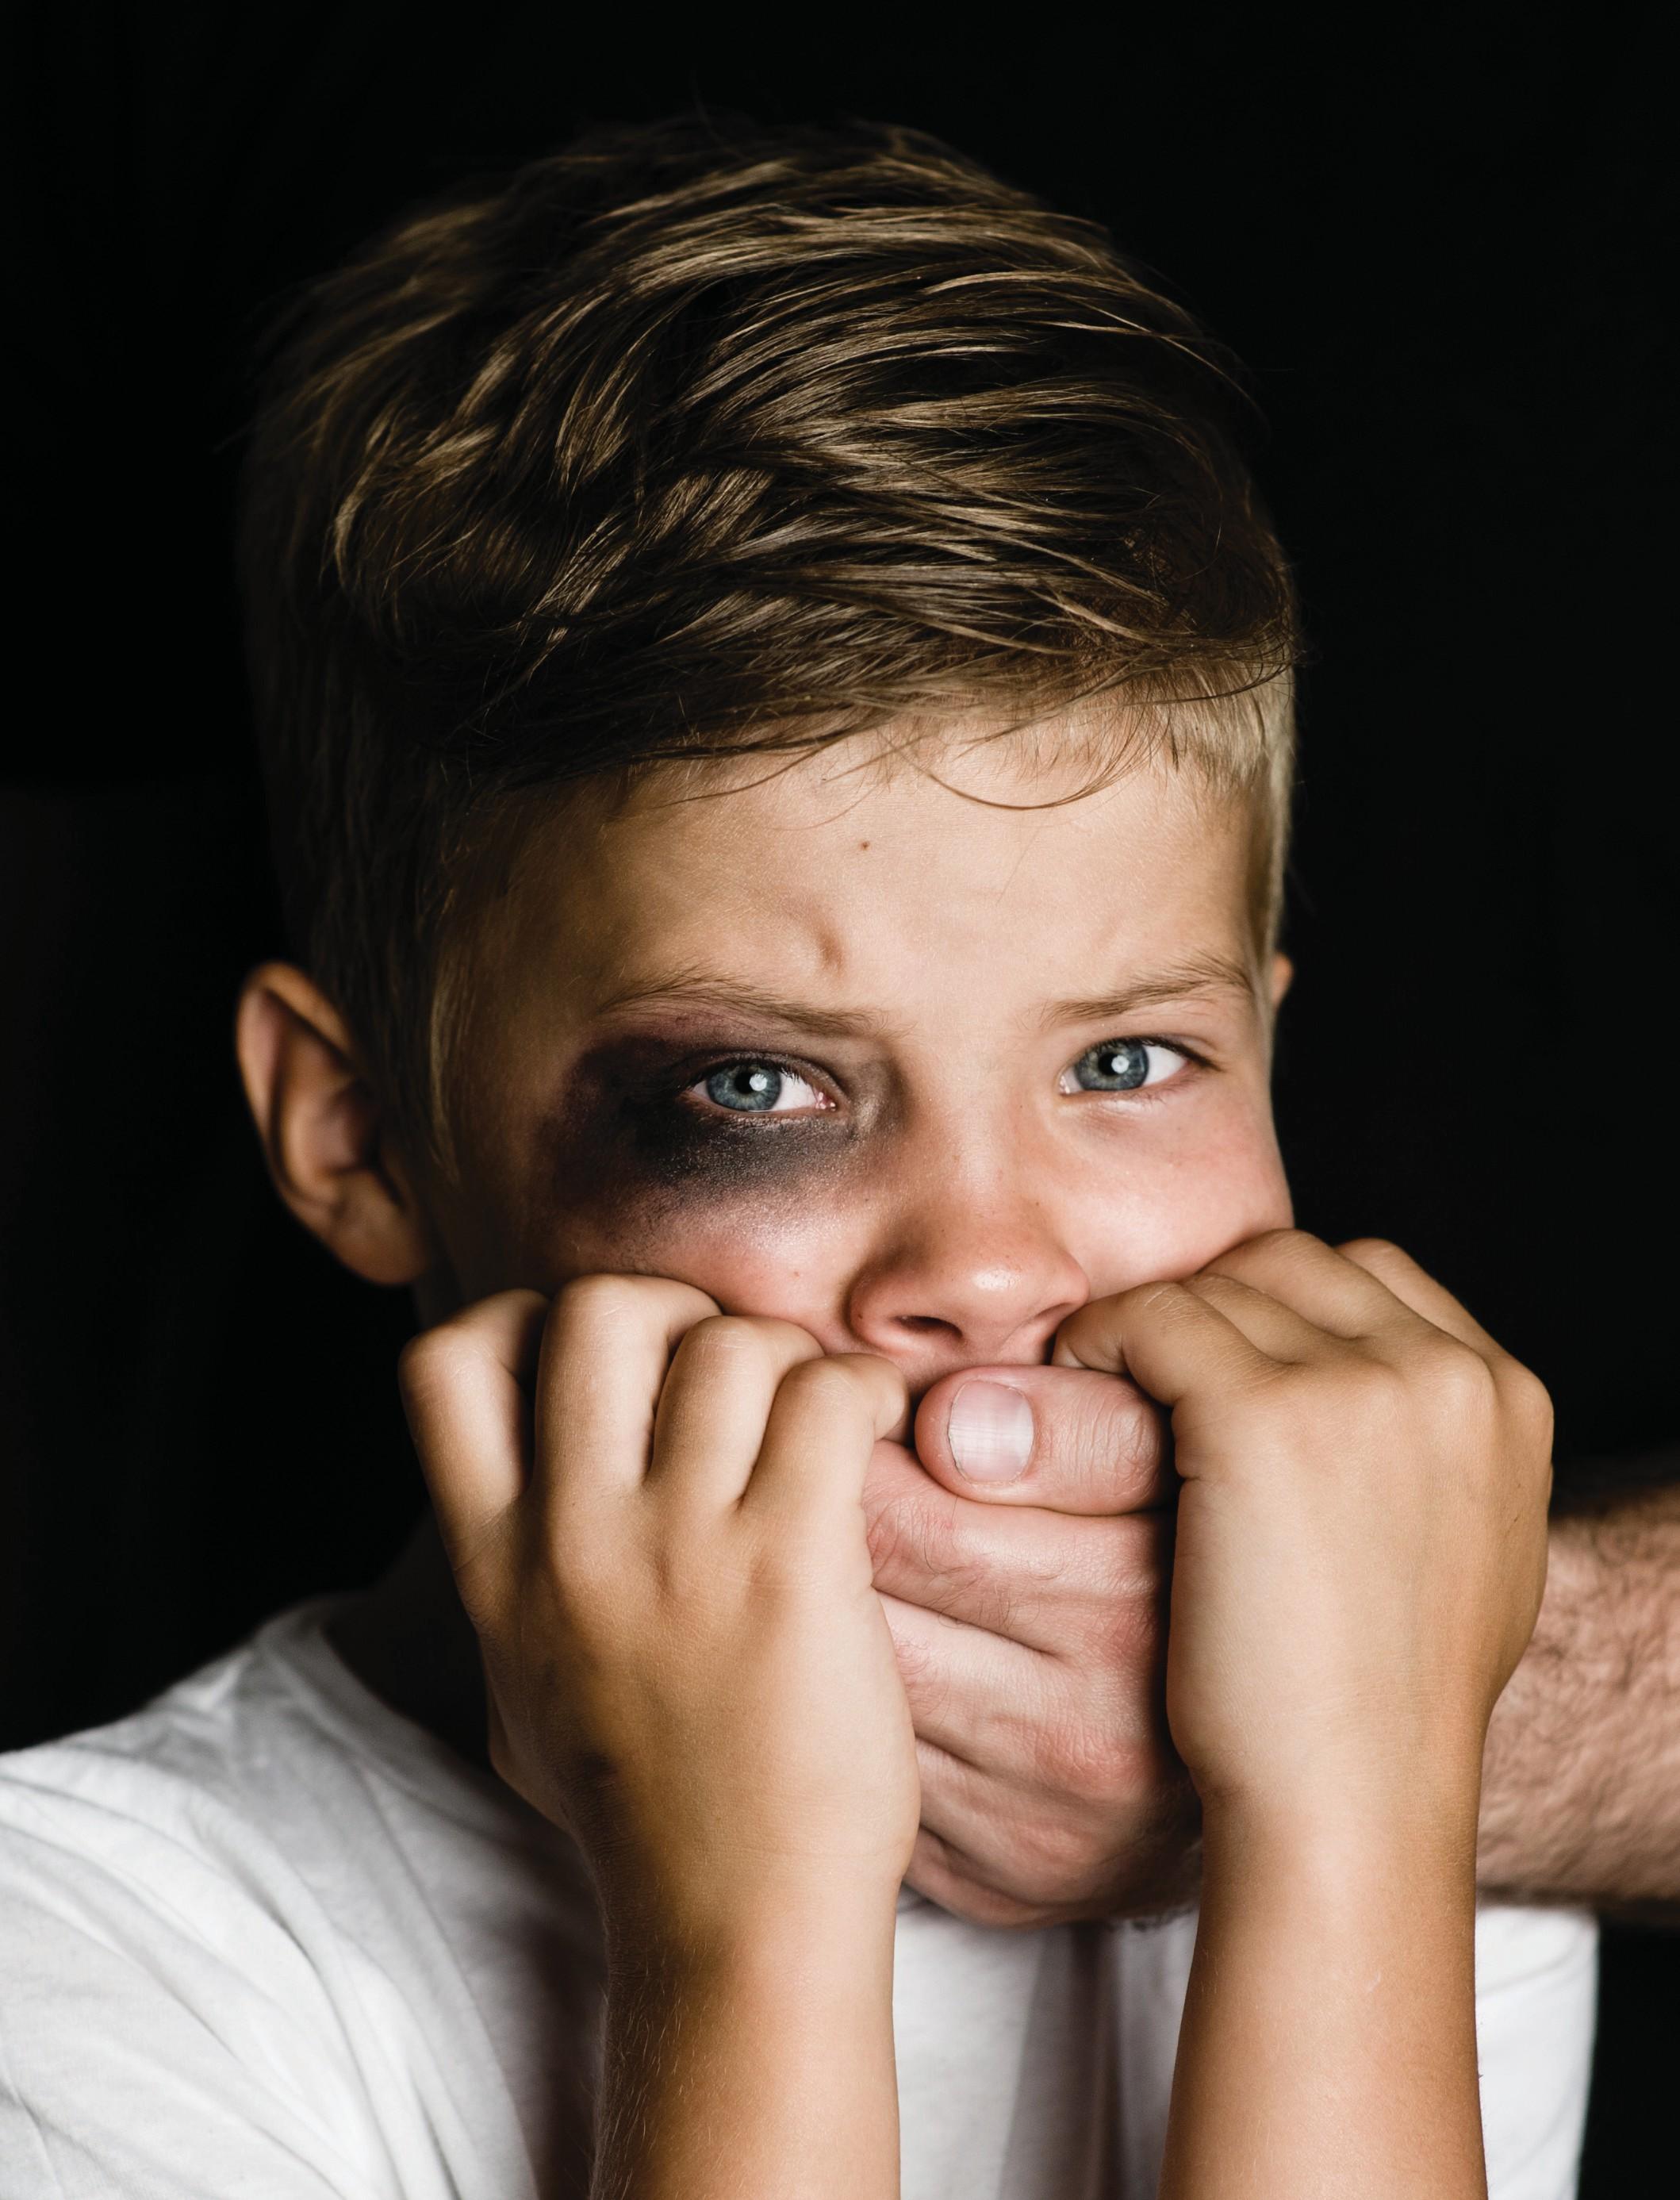 Детское насилие. Эпидемиология, история